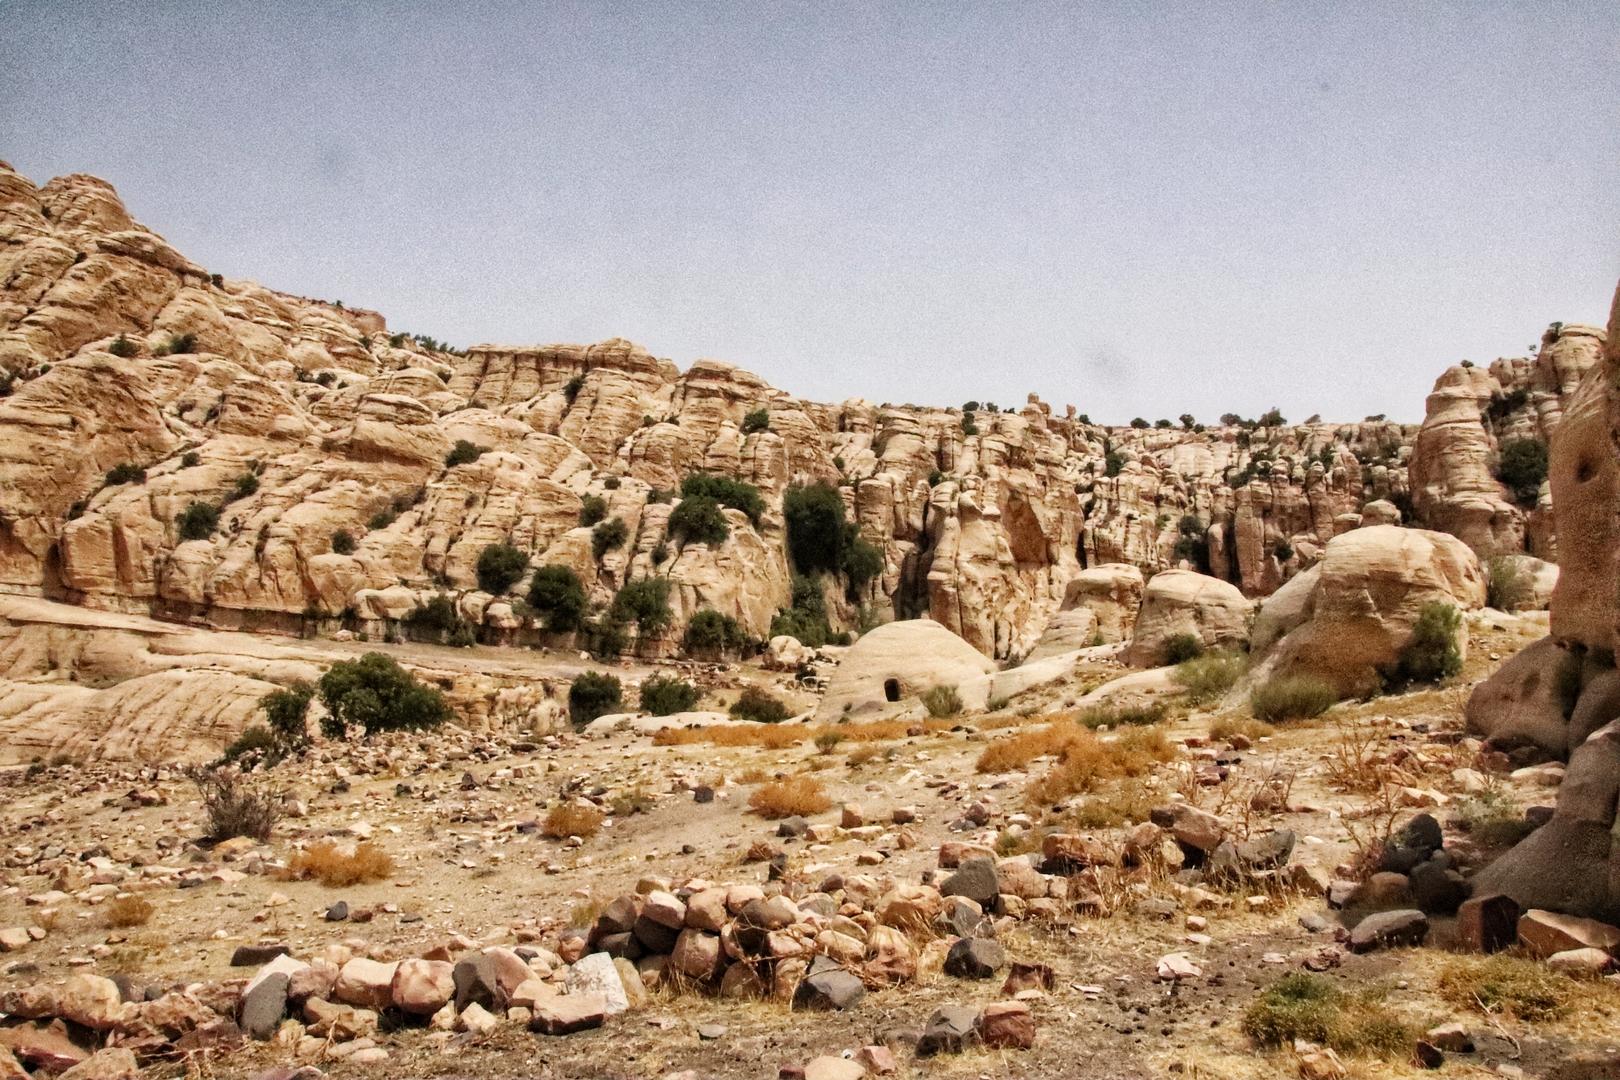 Jordanie - Randonnée dans la réserve de Dana